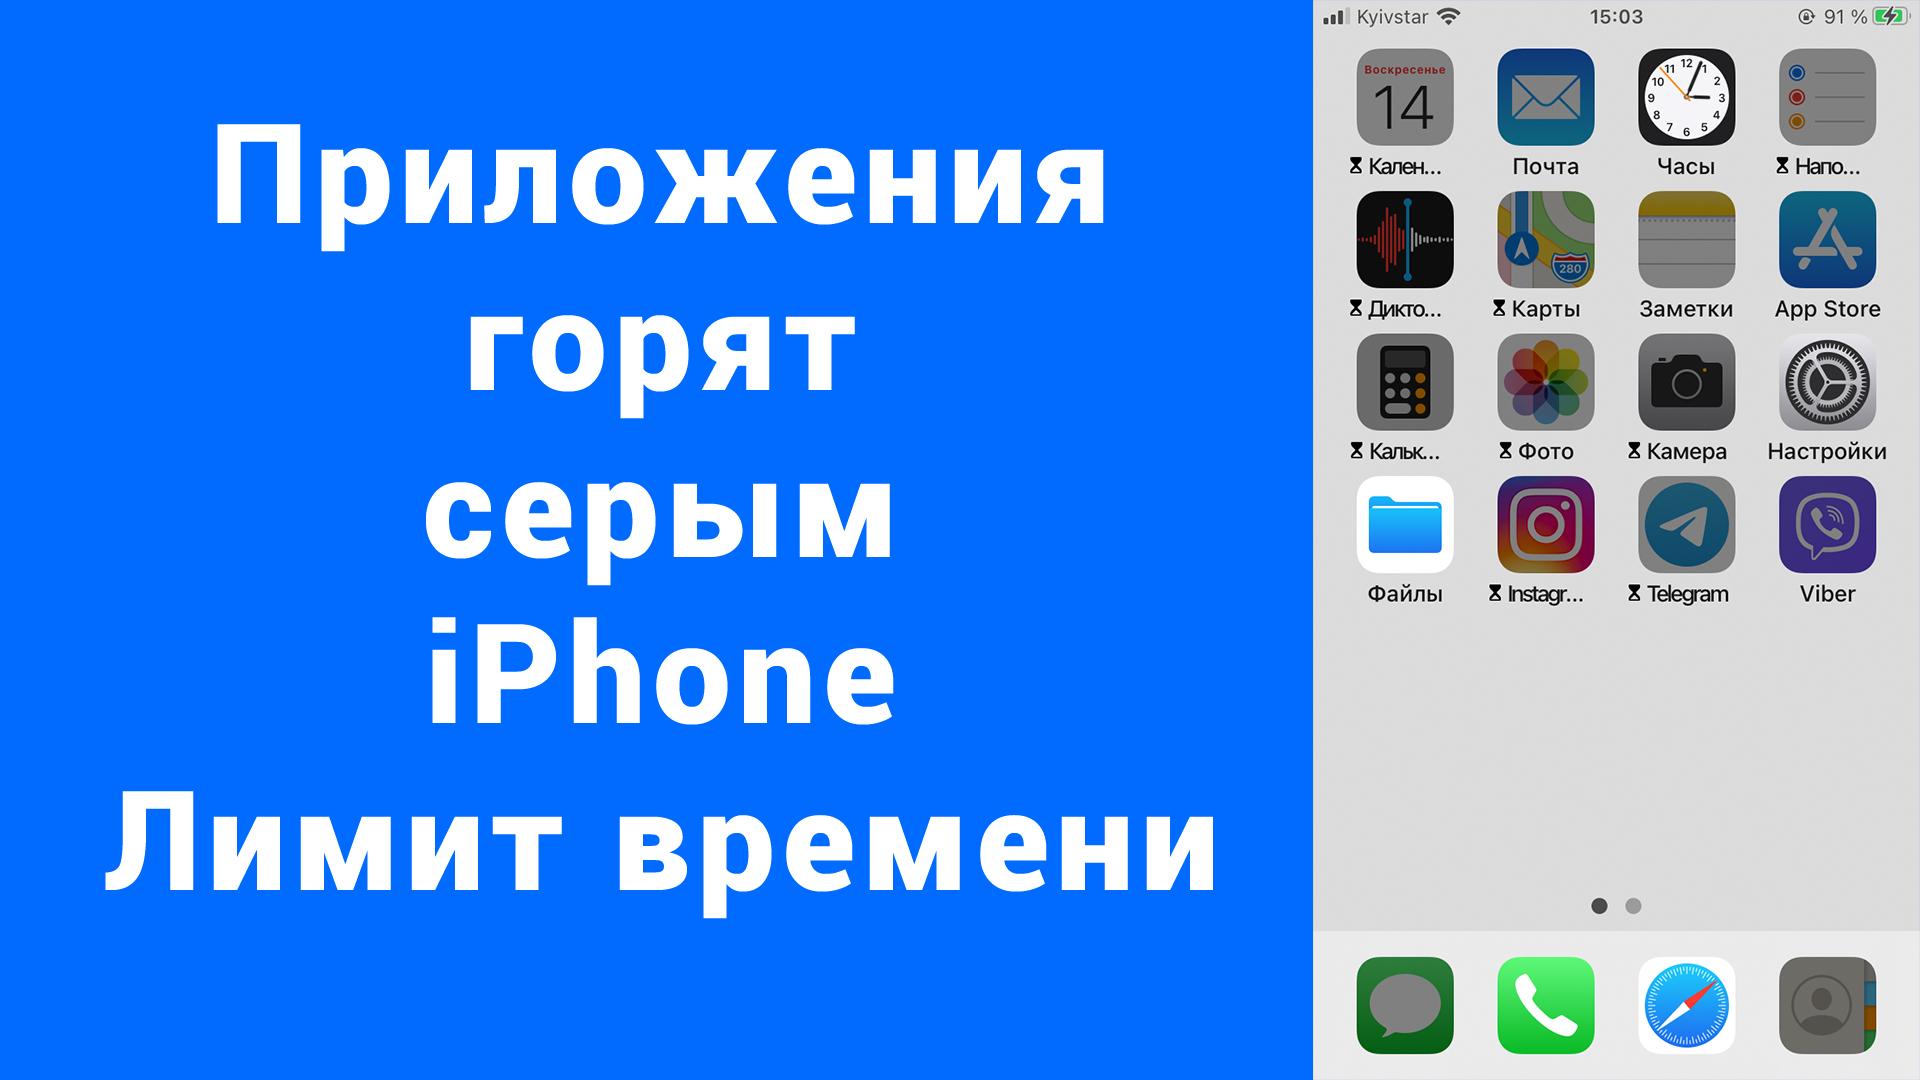 Как отключить Игры и программы горят серым iPhone – Лимит времени